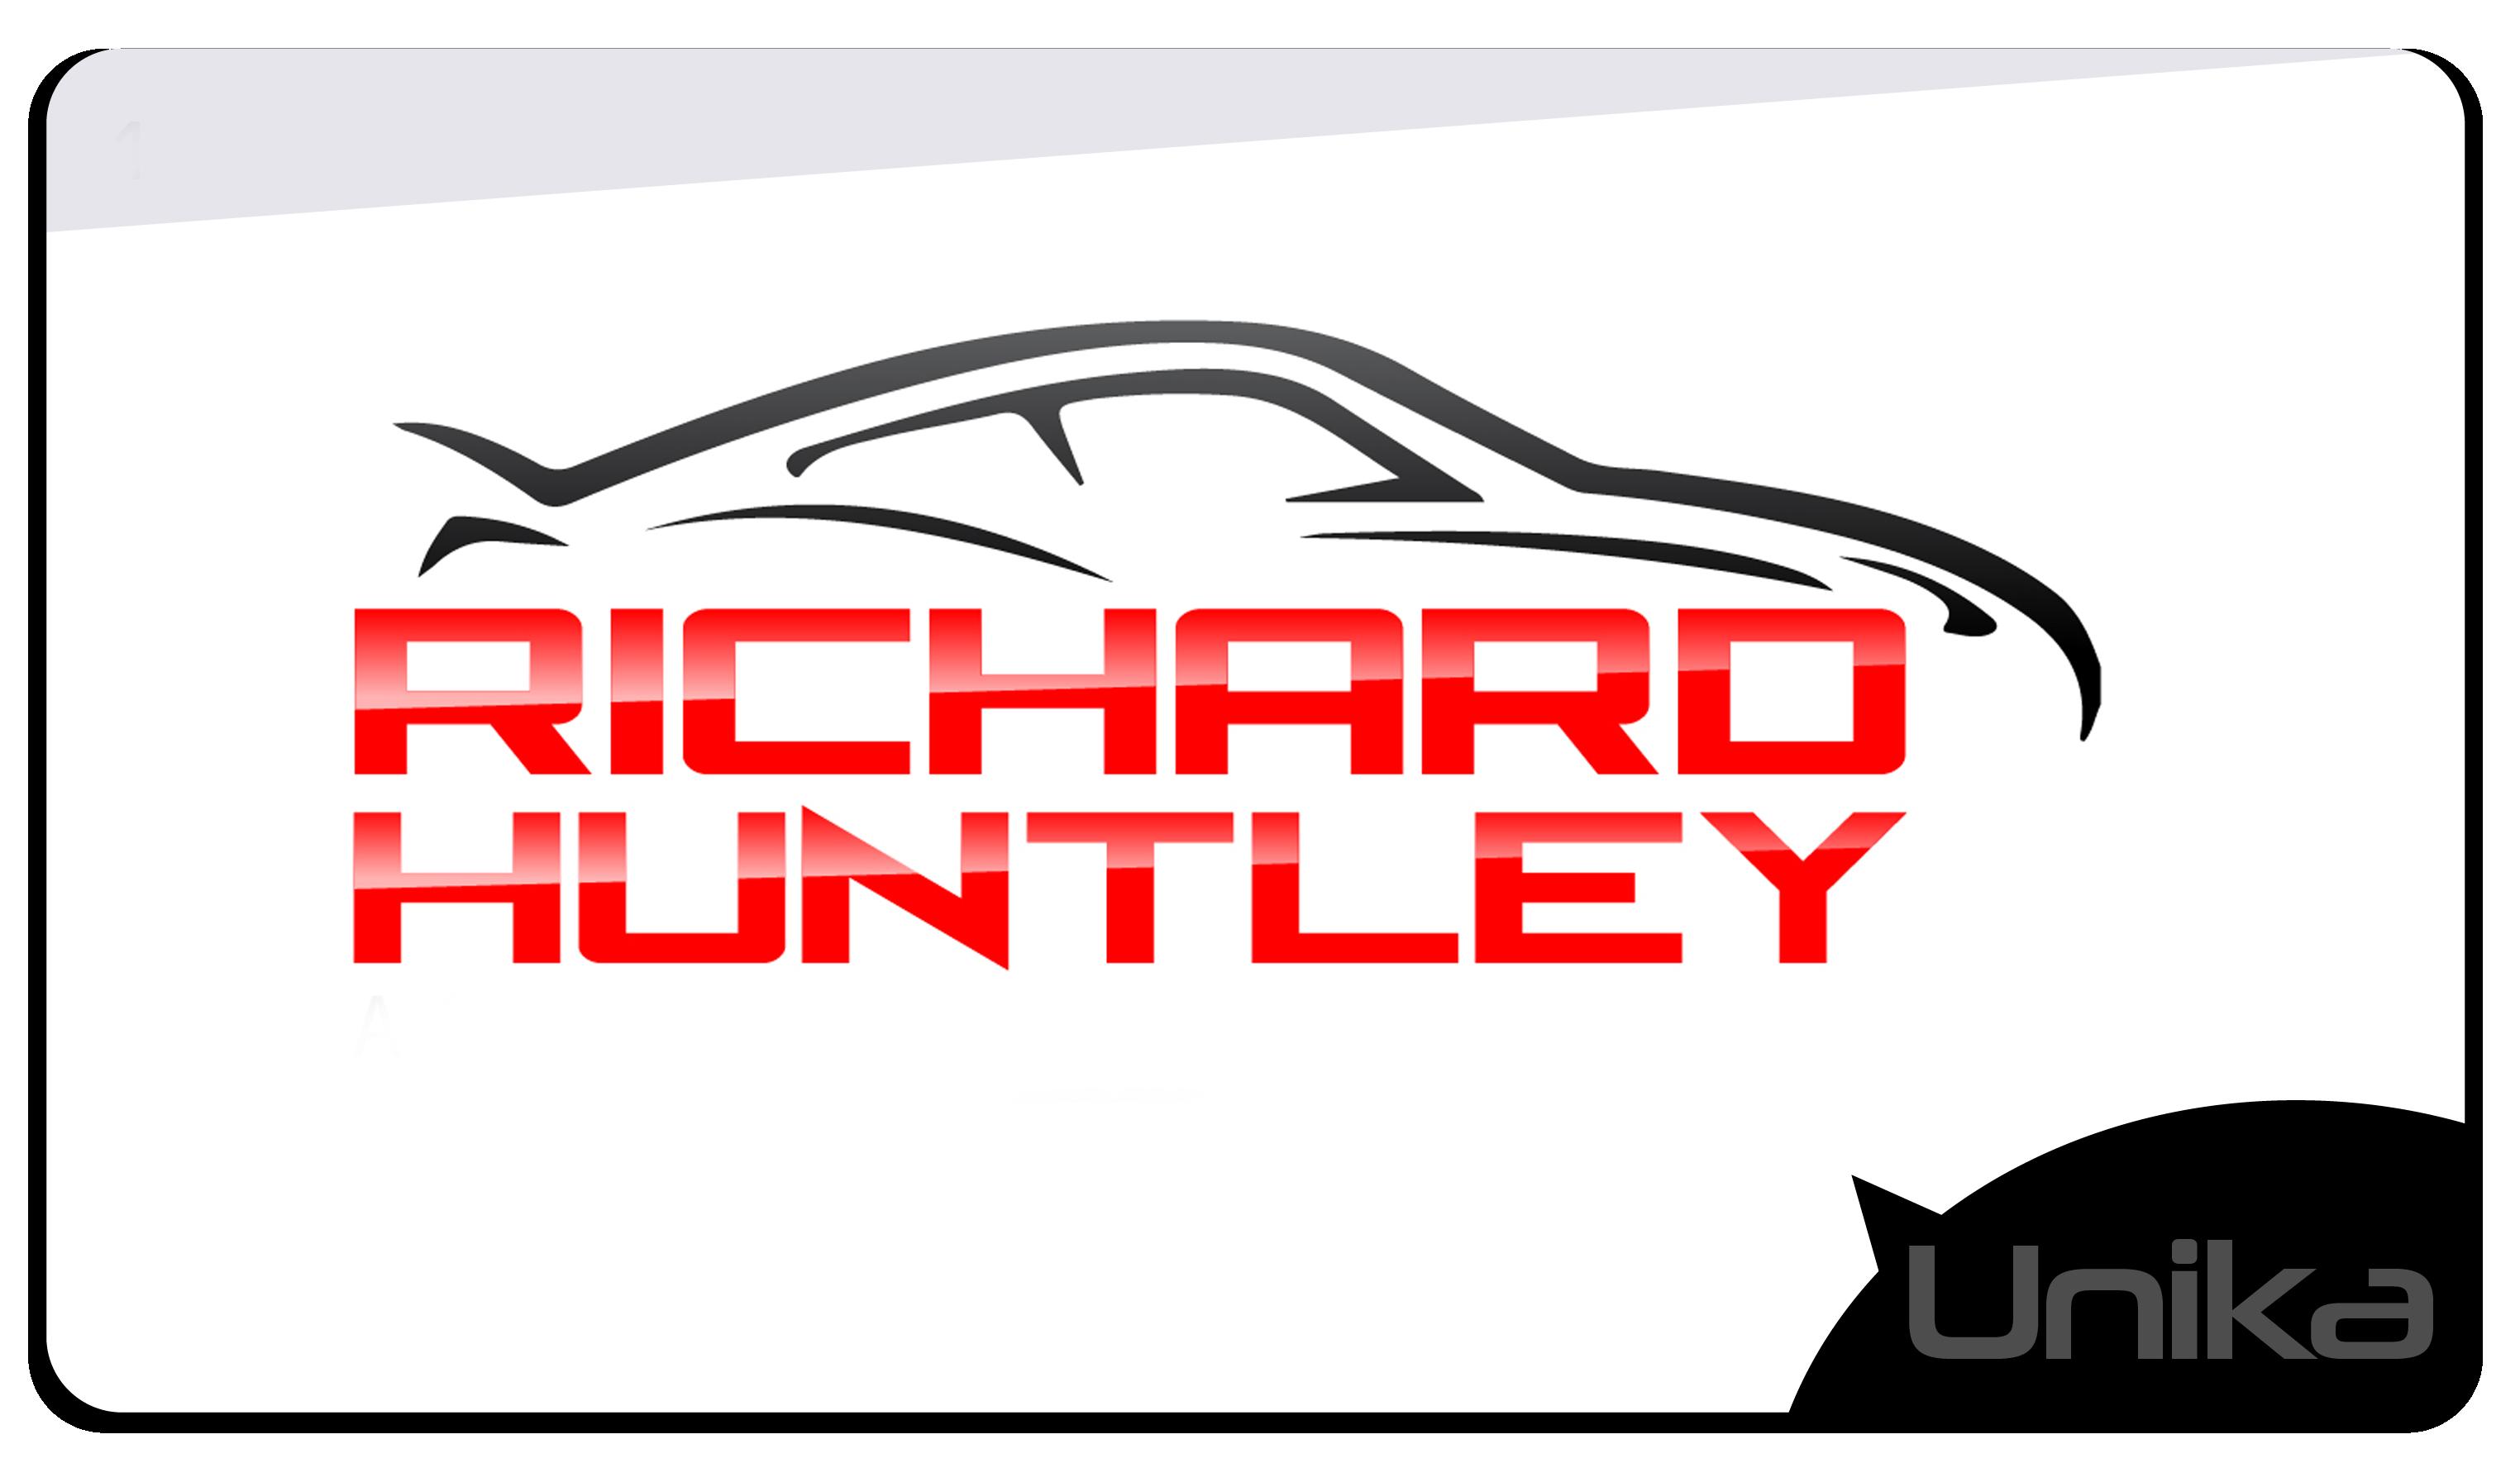 Richard huntley